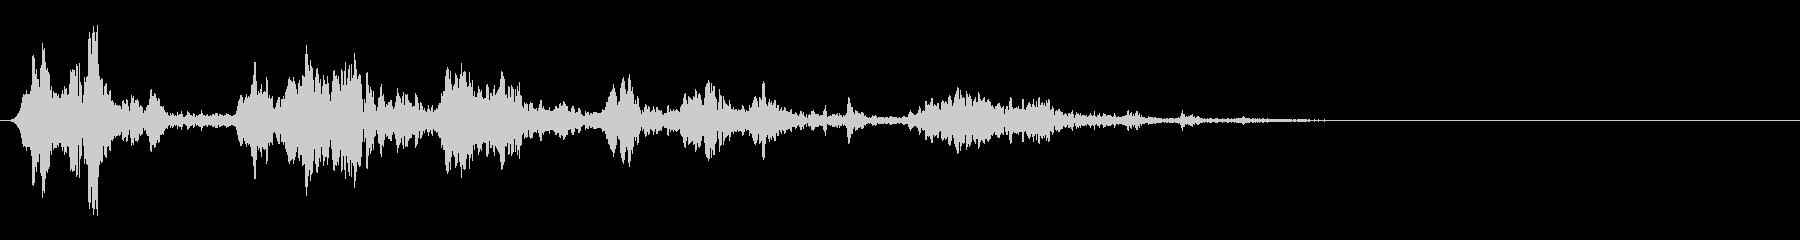 鳥のさえずり/チュンチュン/鳴き声の未再生の波形